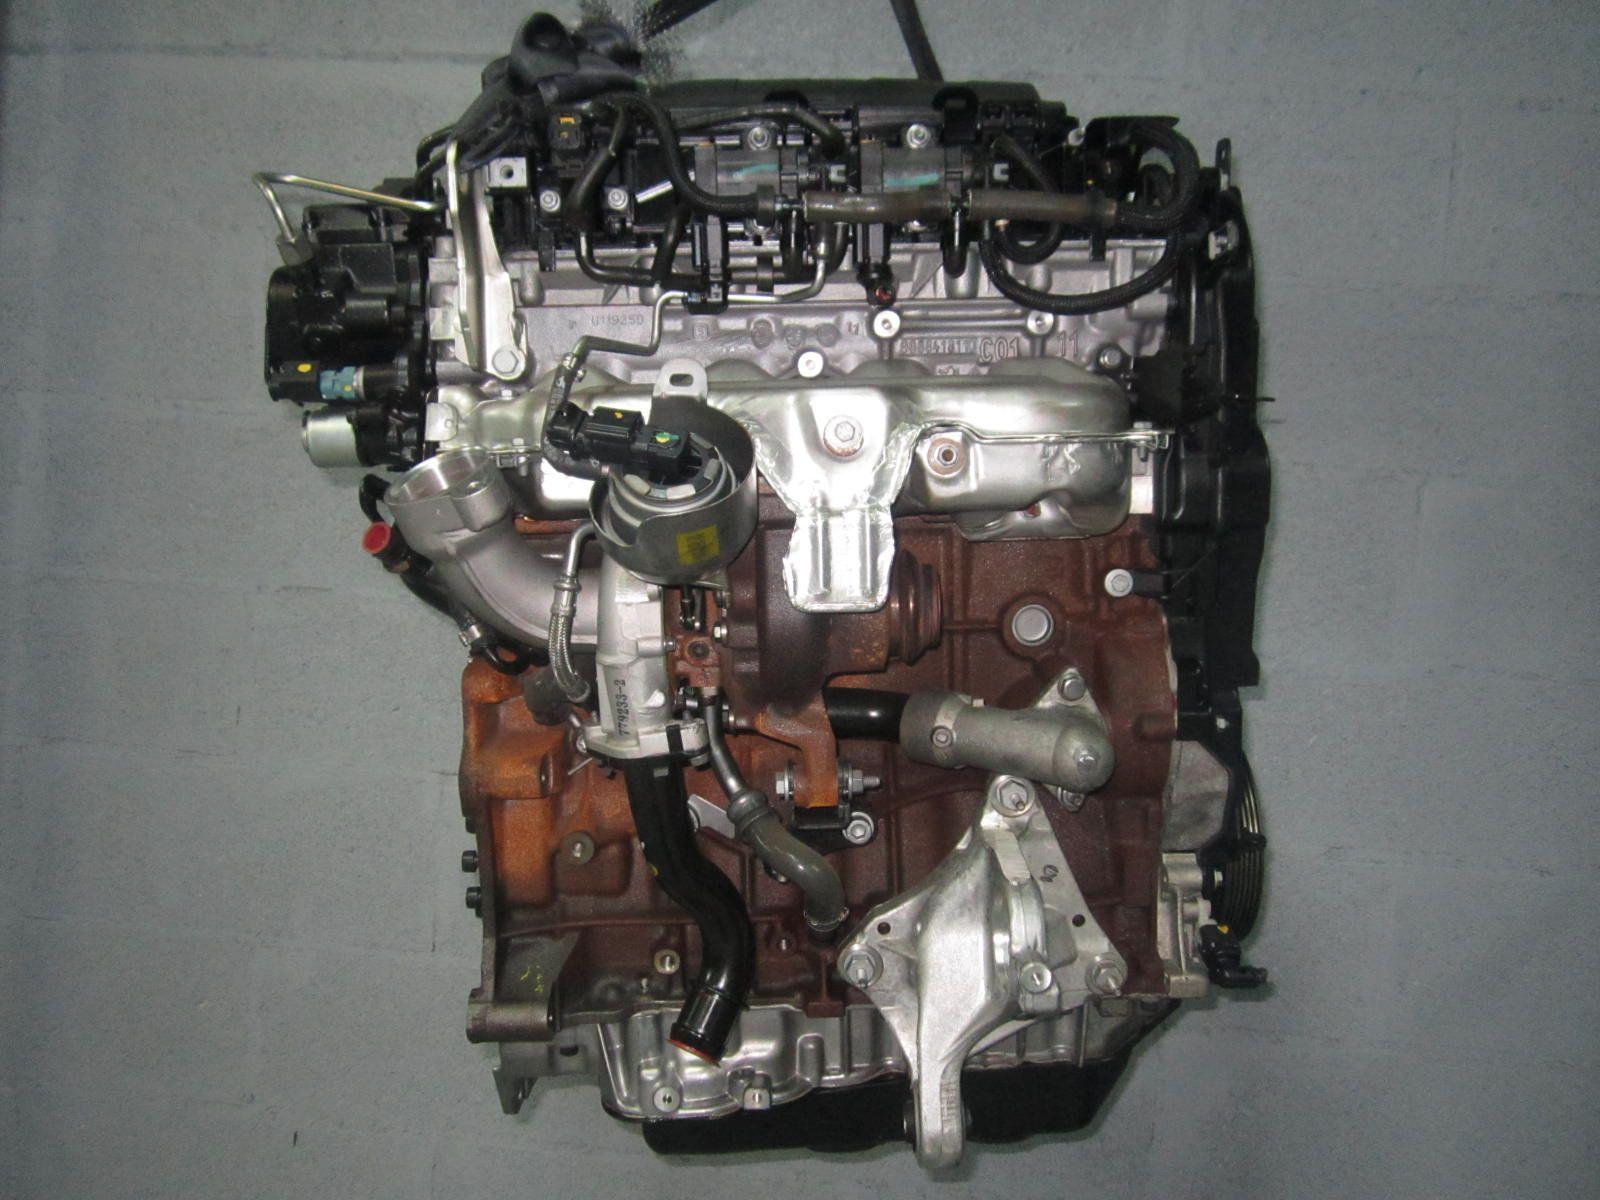 moteur d 39 occasion citroen c5 rhh de 2001 en parfait tat pour les compatibilit s moteur et